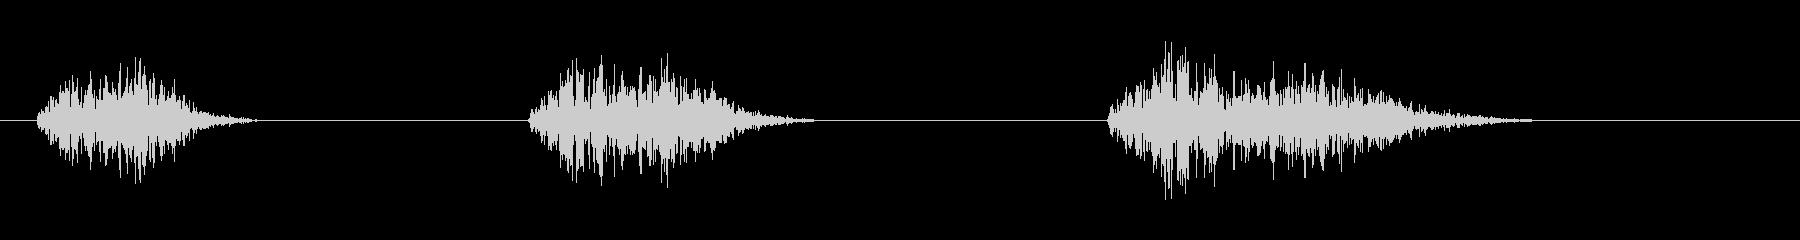 爆発22の未再生の波形